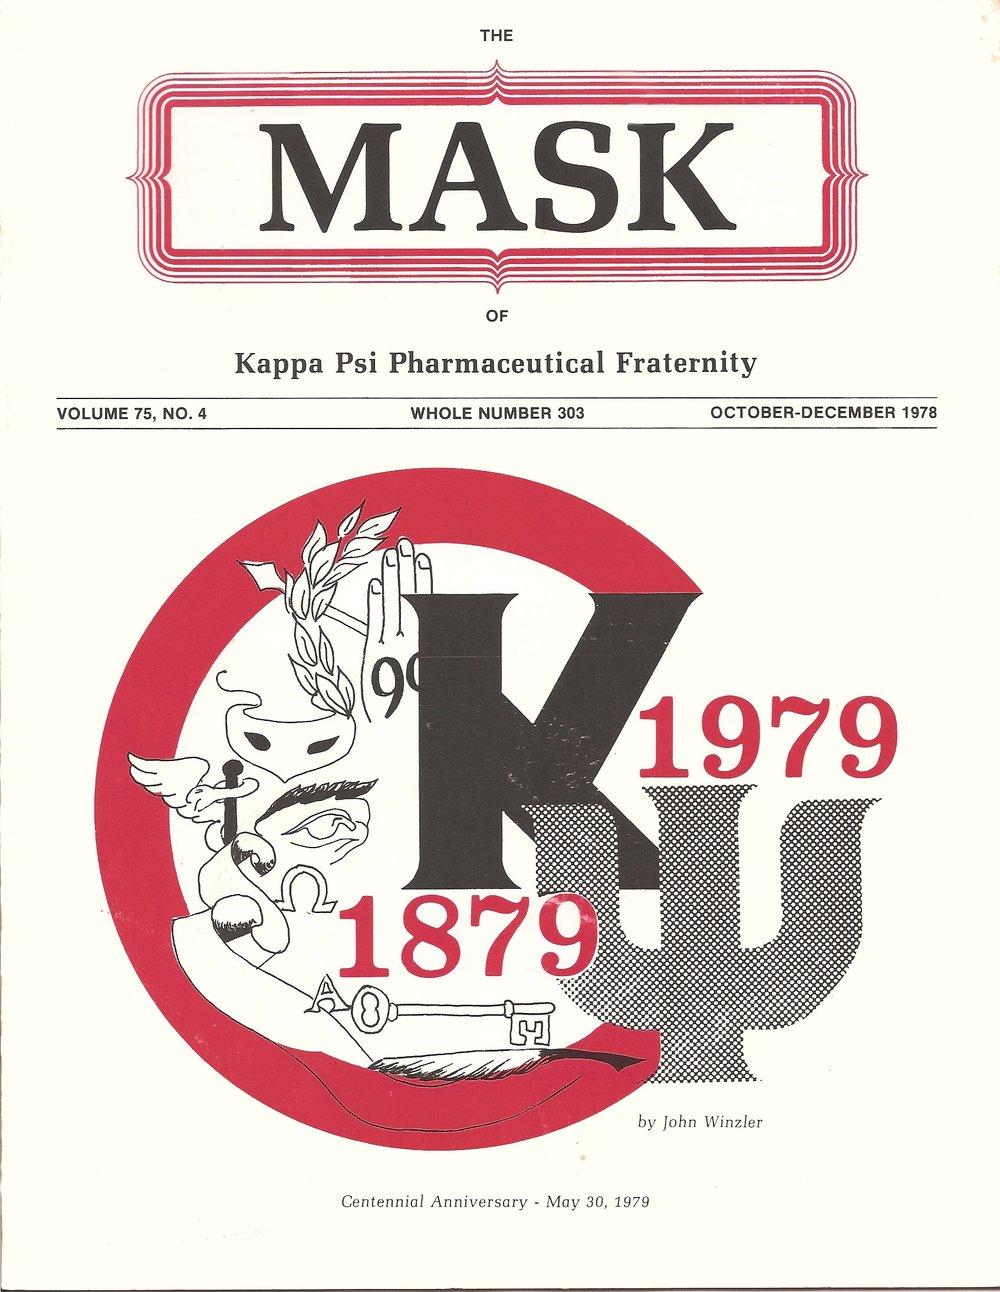 mask_cover_09_1978.jpg